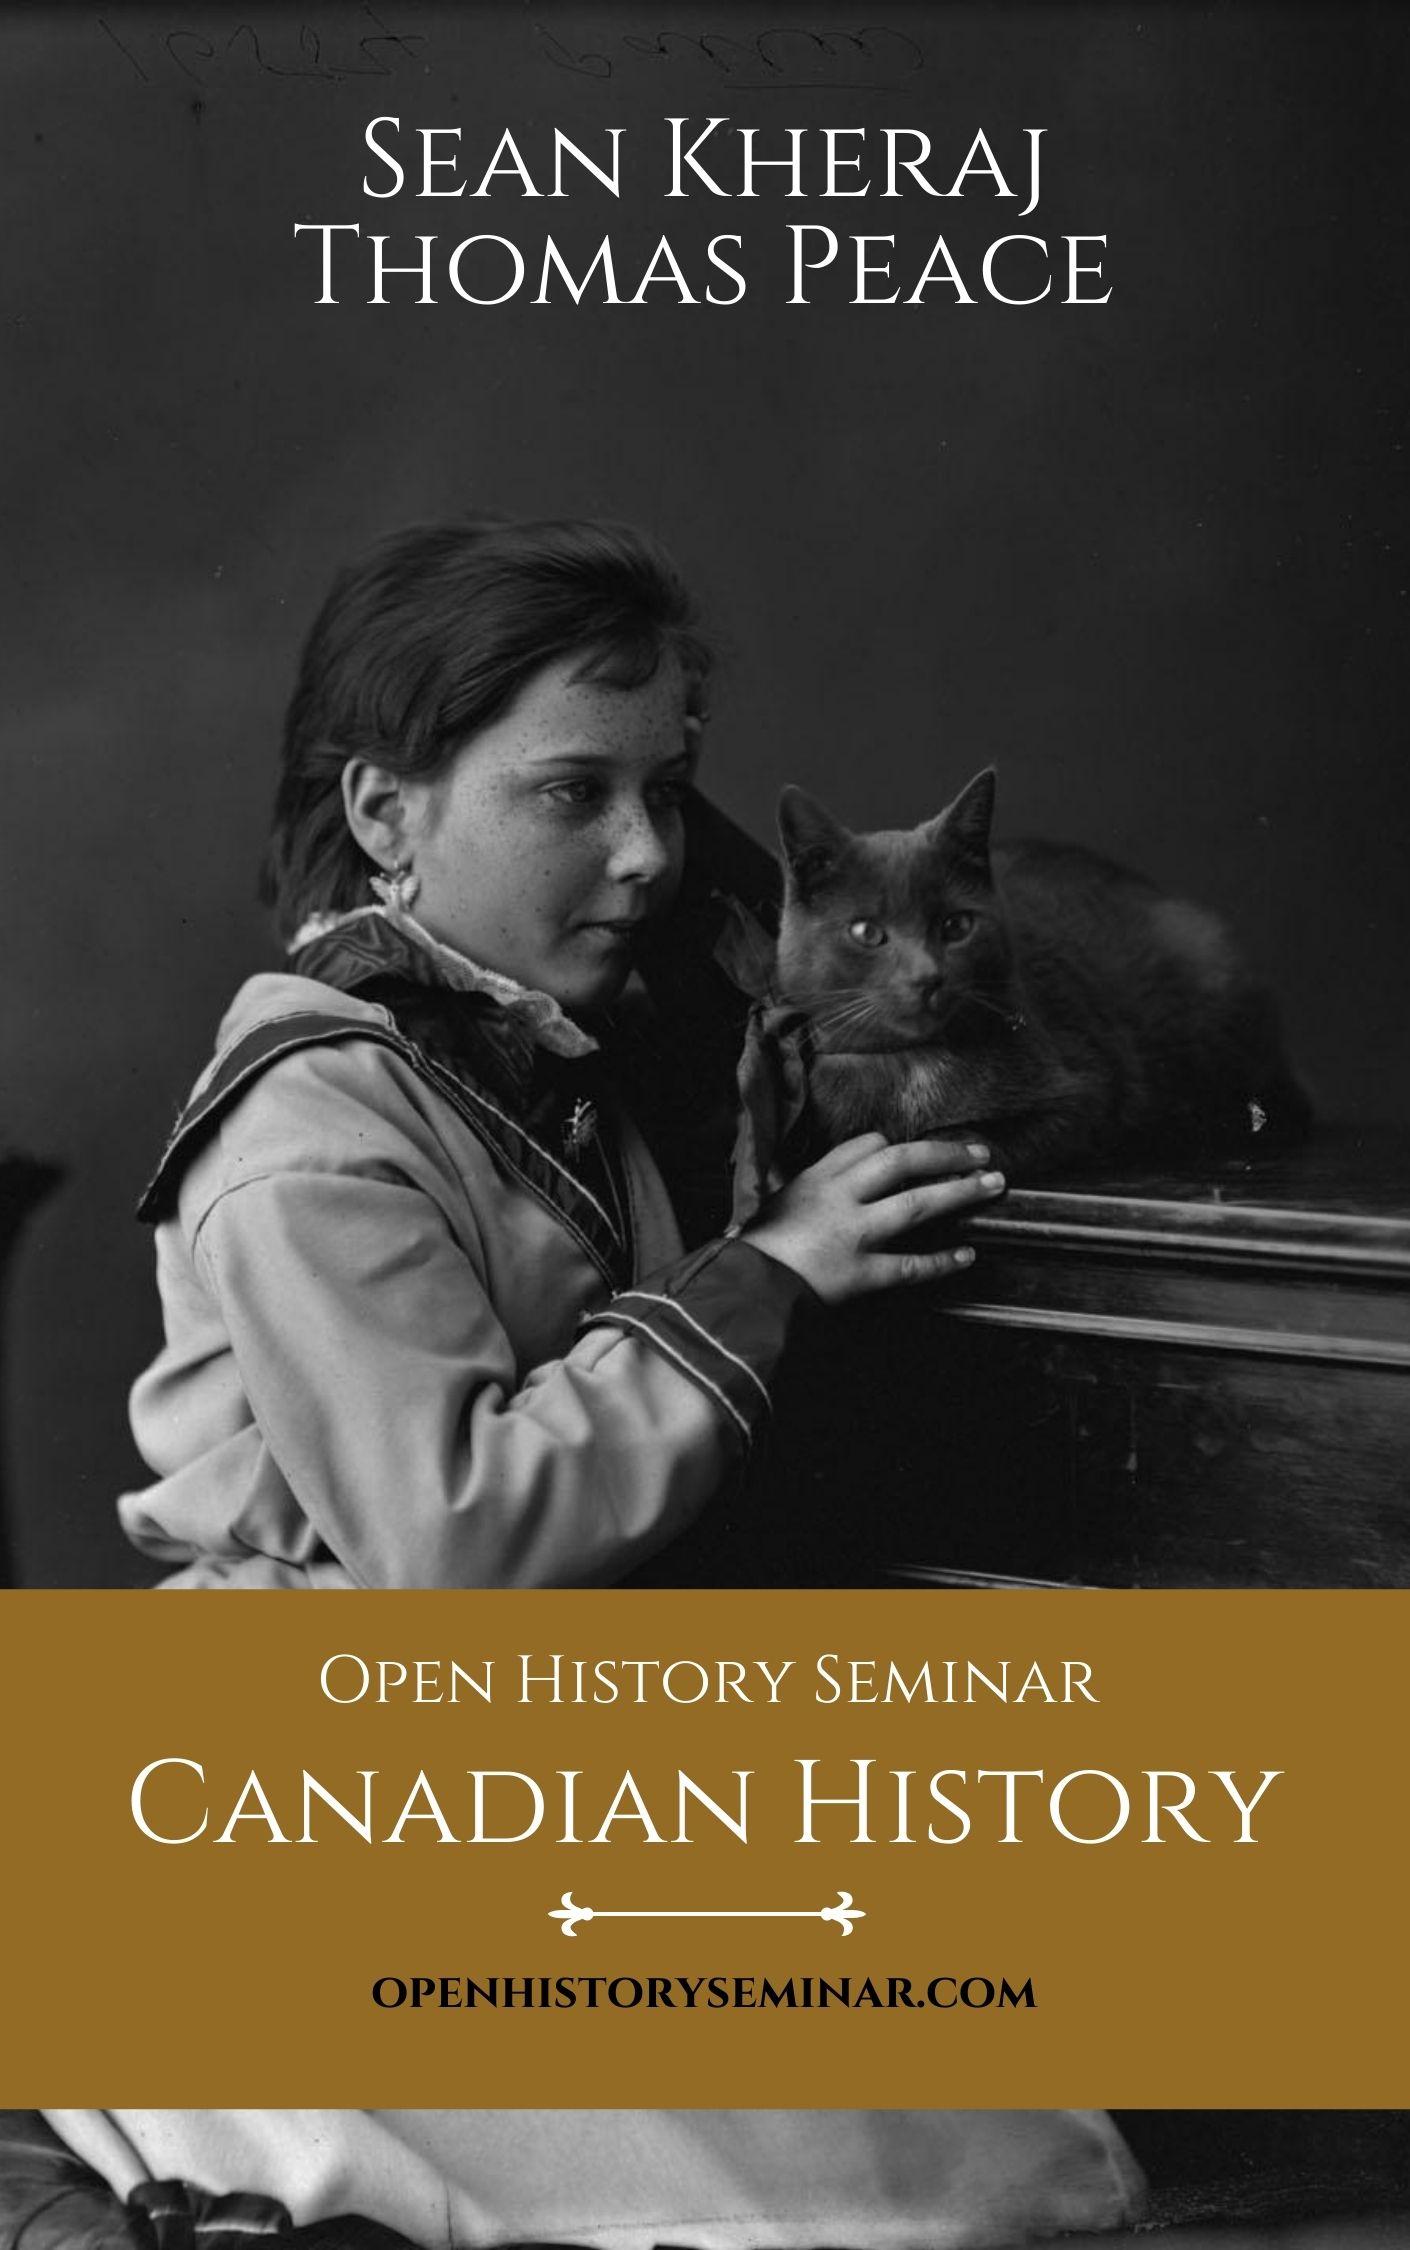 Open History Seminar: Canadian History